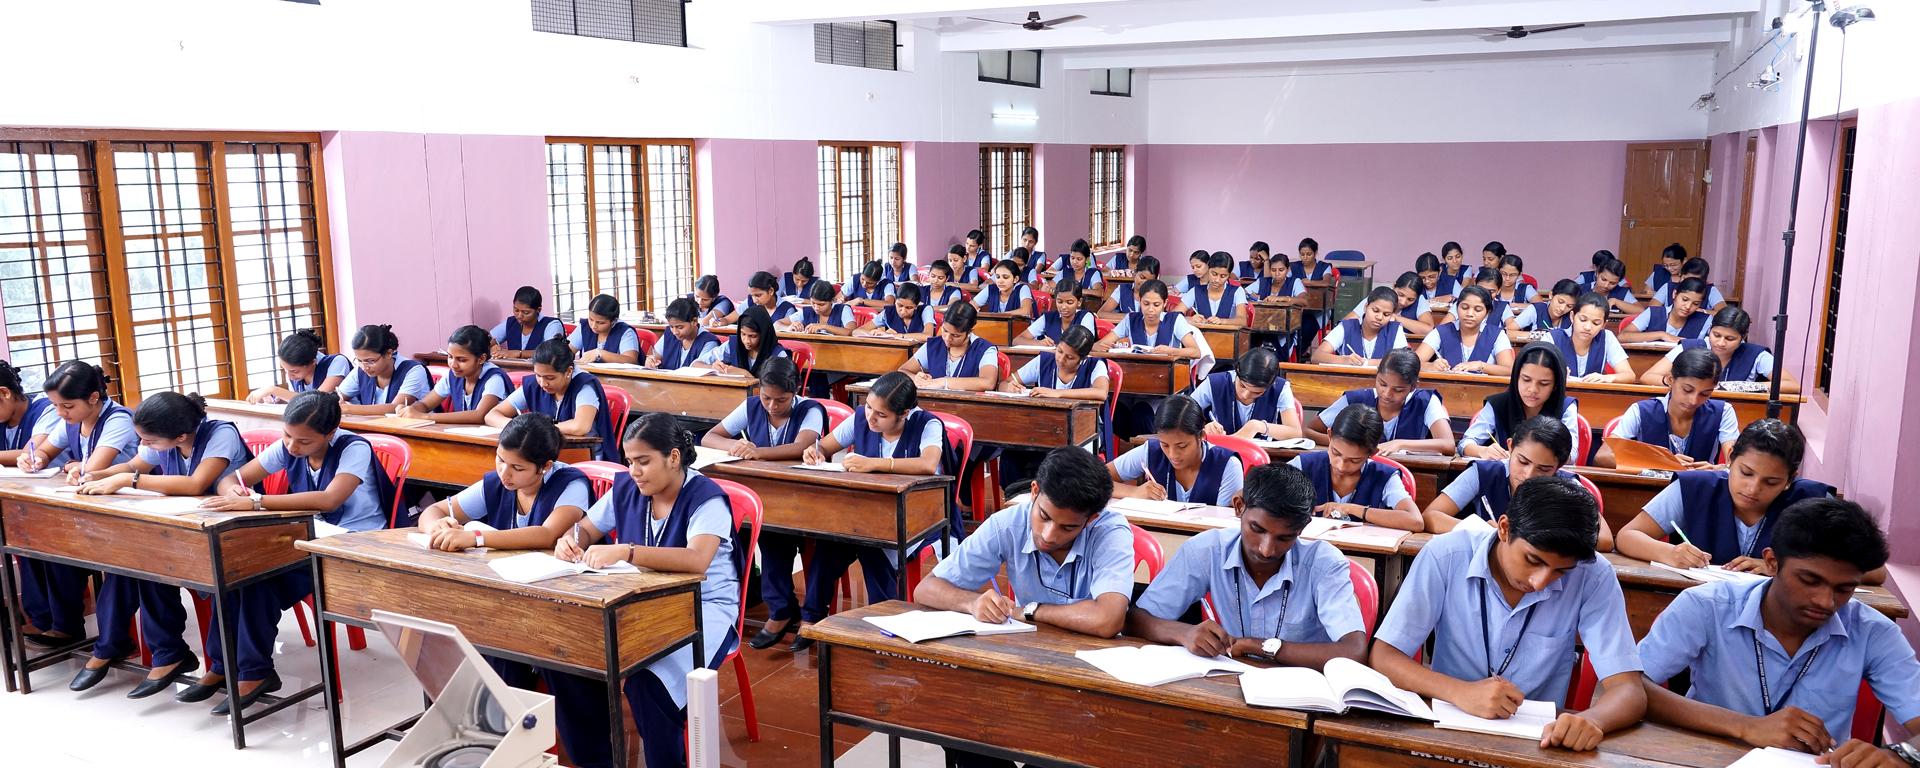 Westfort College Of Nursing, Thrissur Image